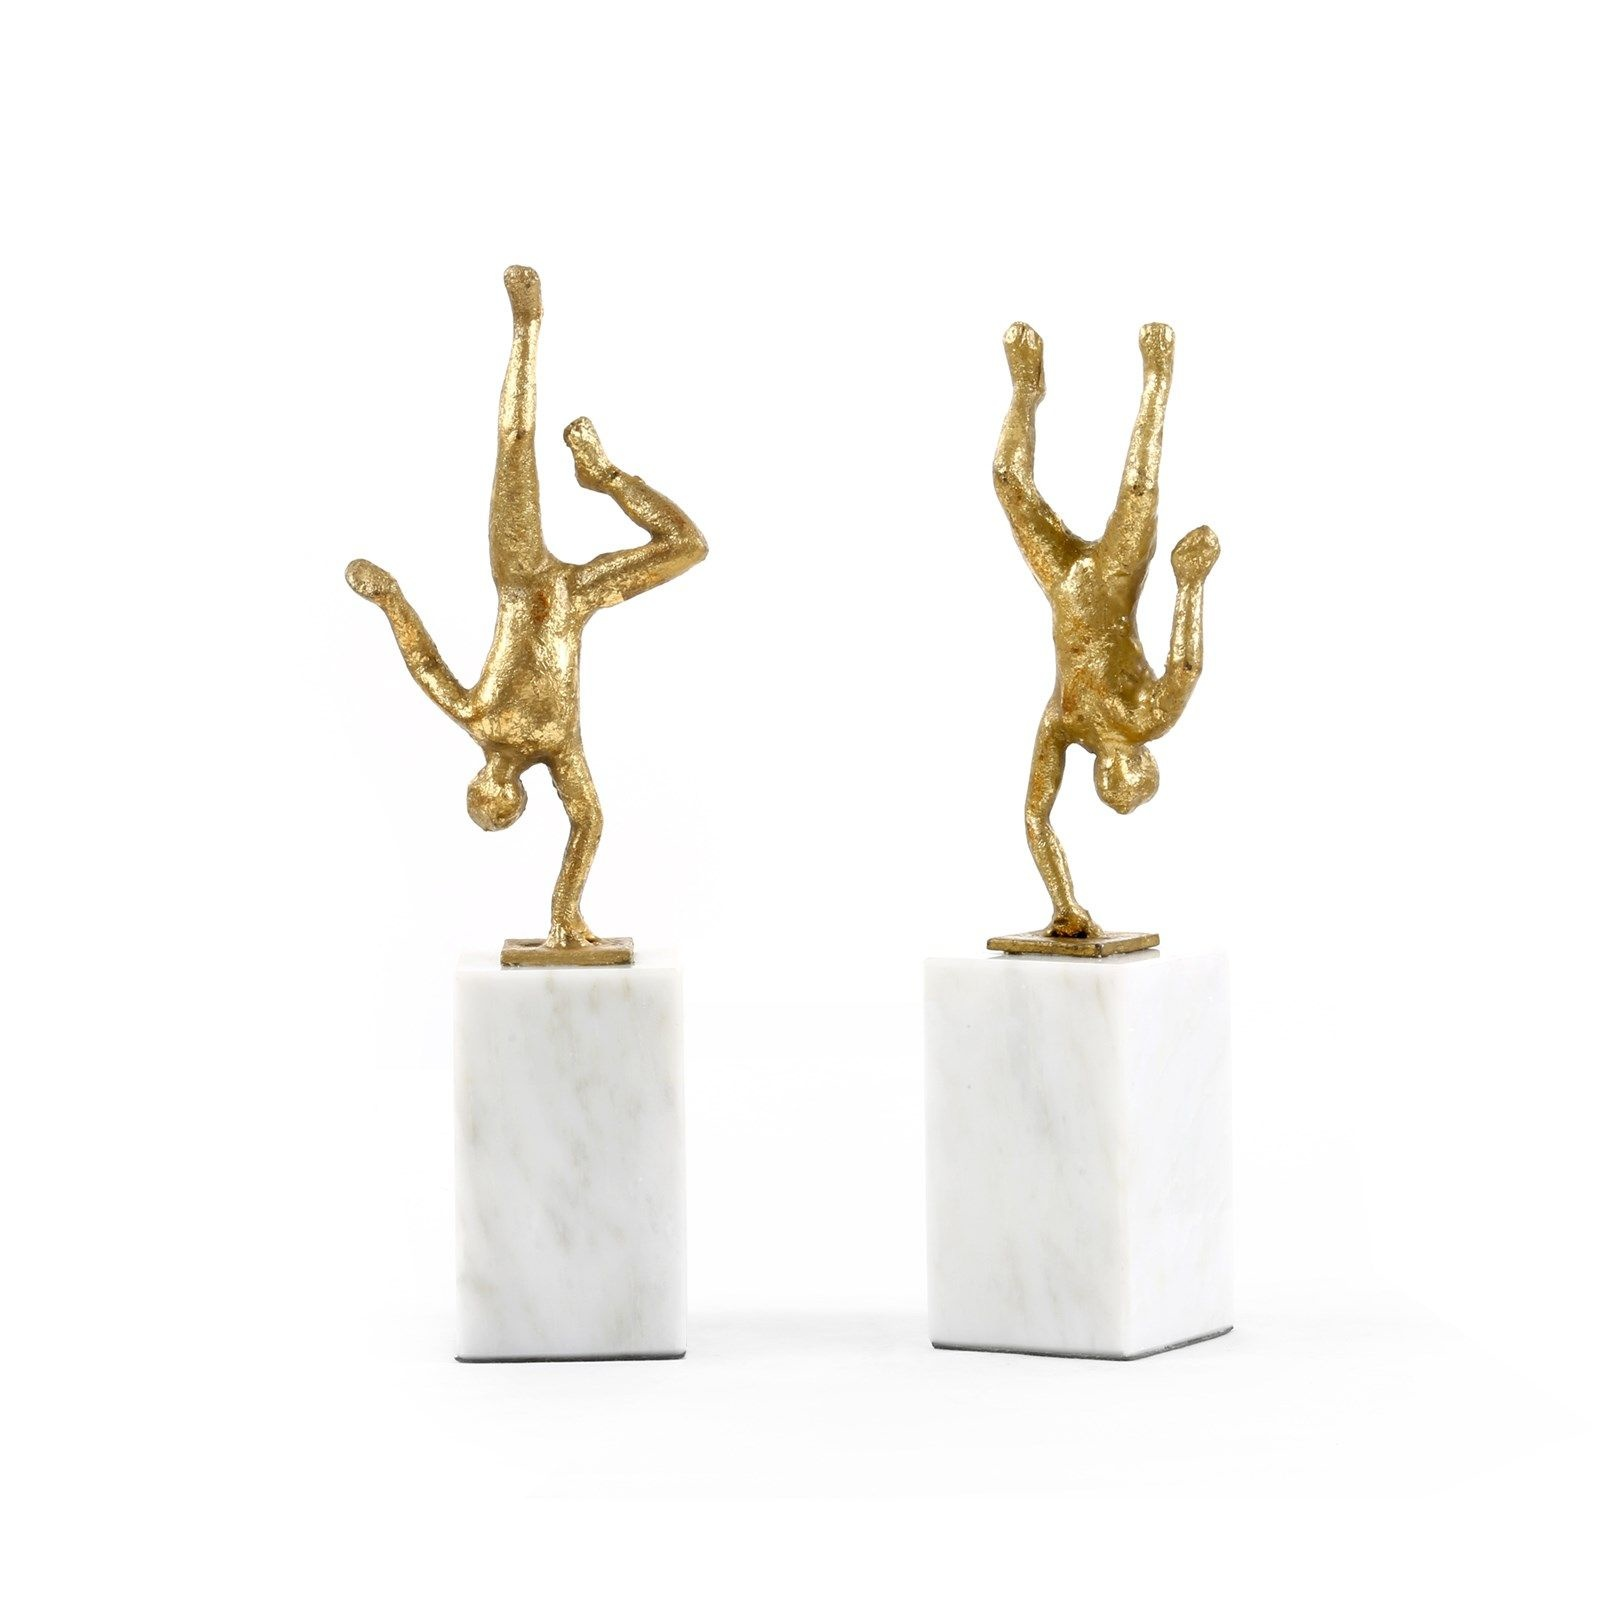 Handstand Statue Set